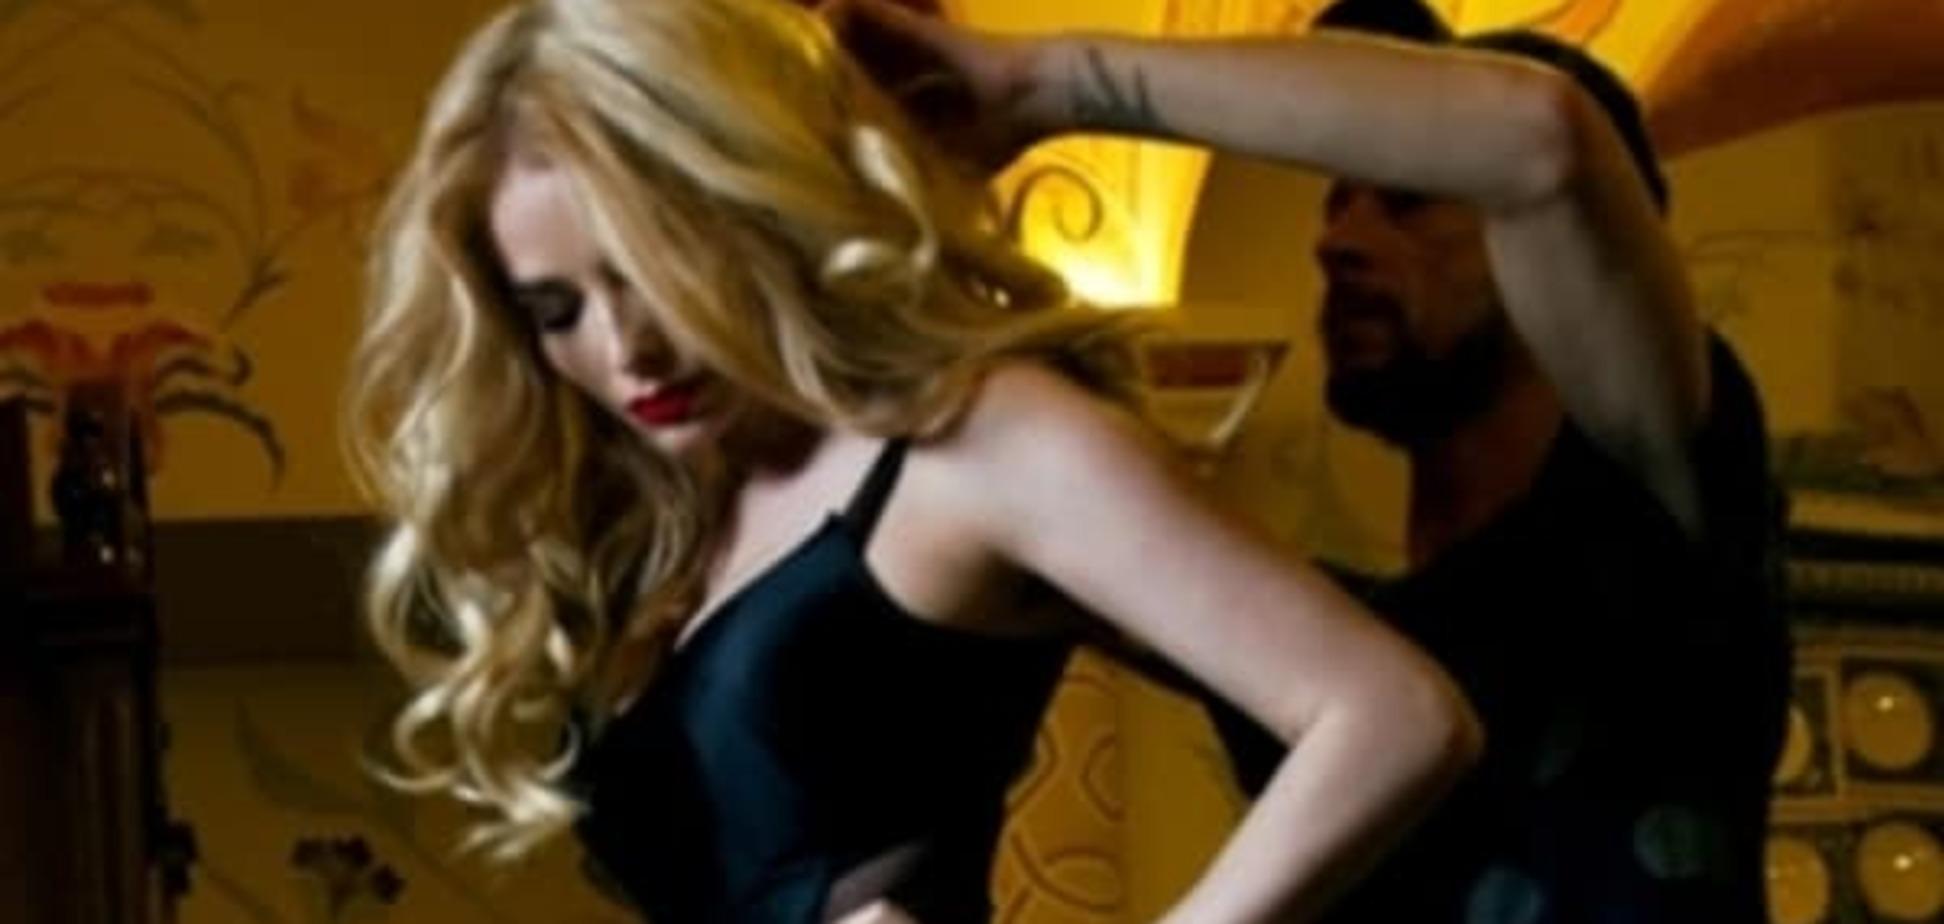 Алан Бадоев довел экс-участницу 'ВИА Гры' до многочисленных травм